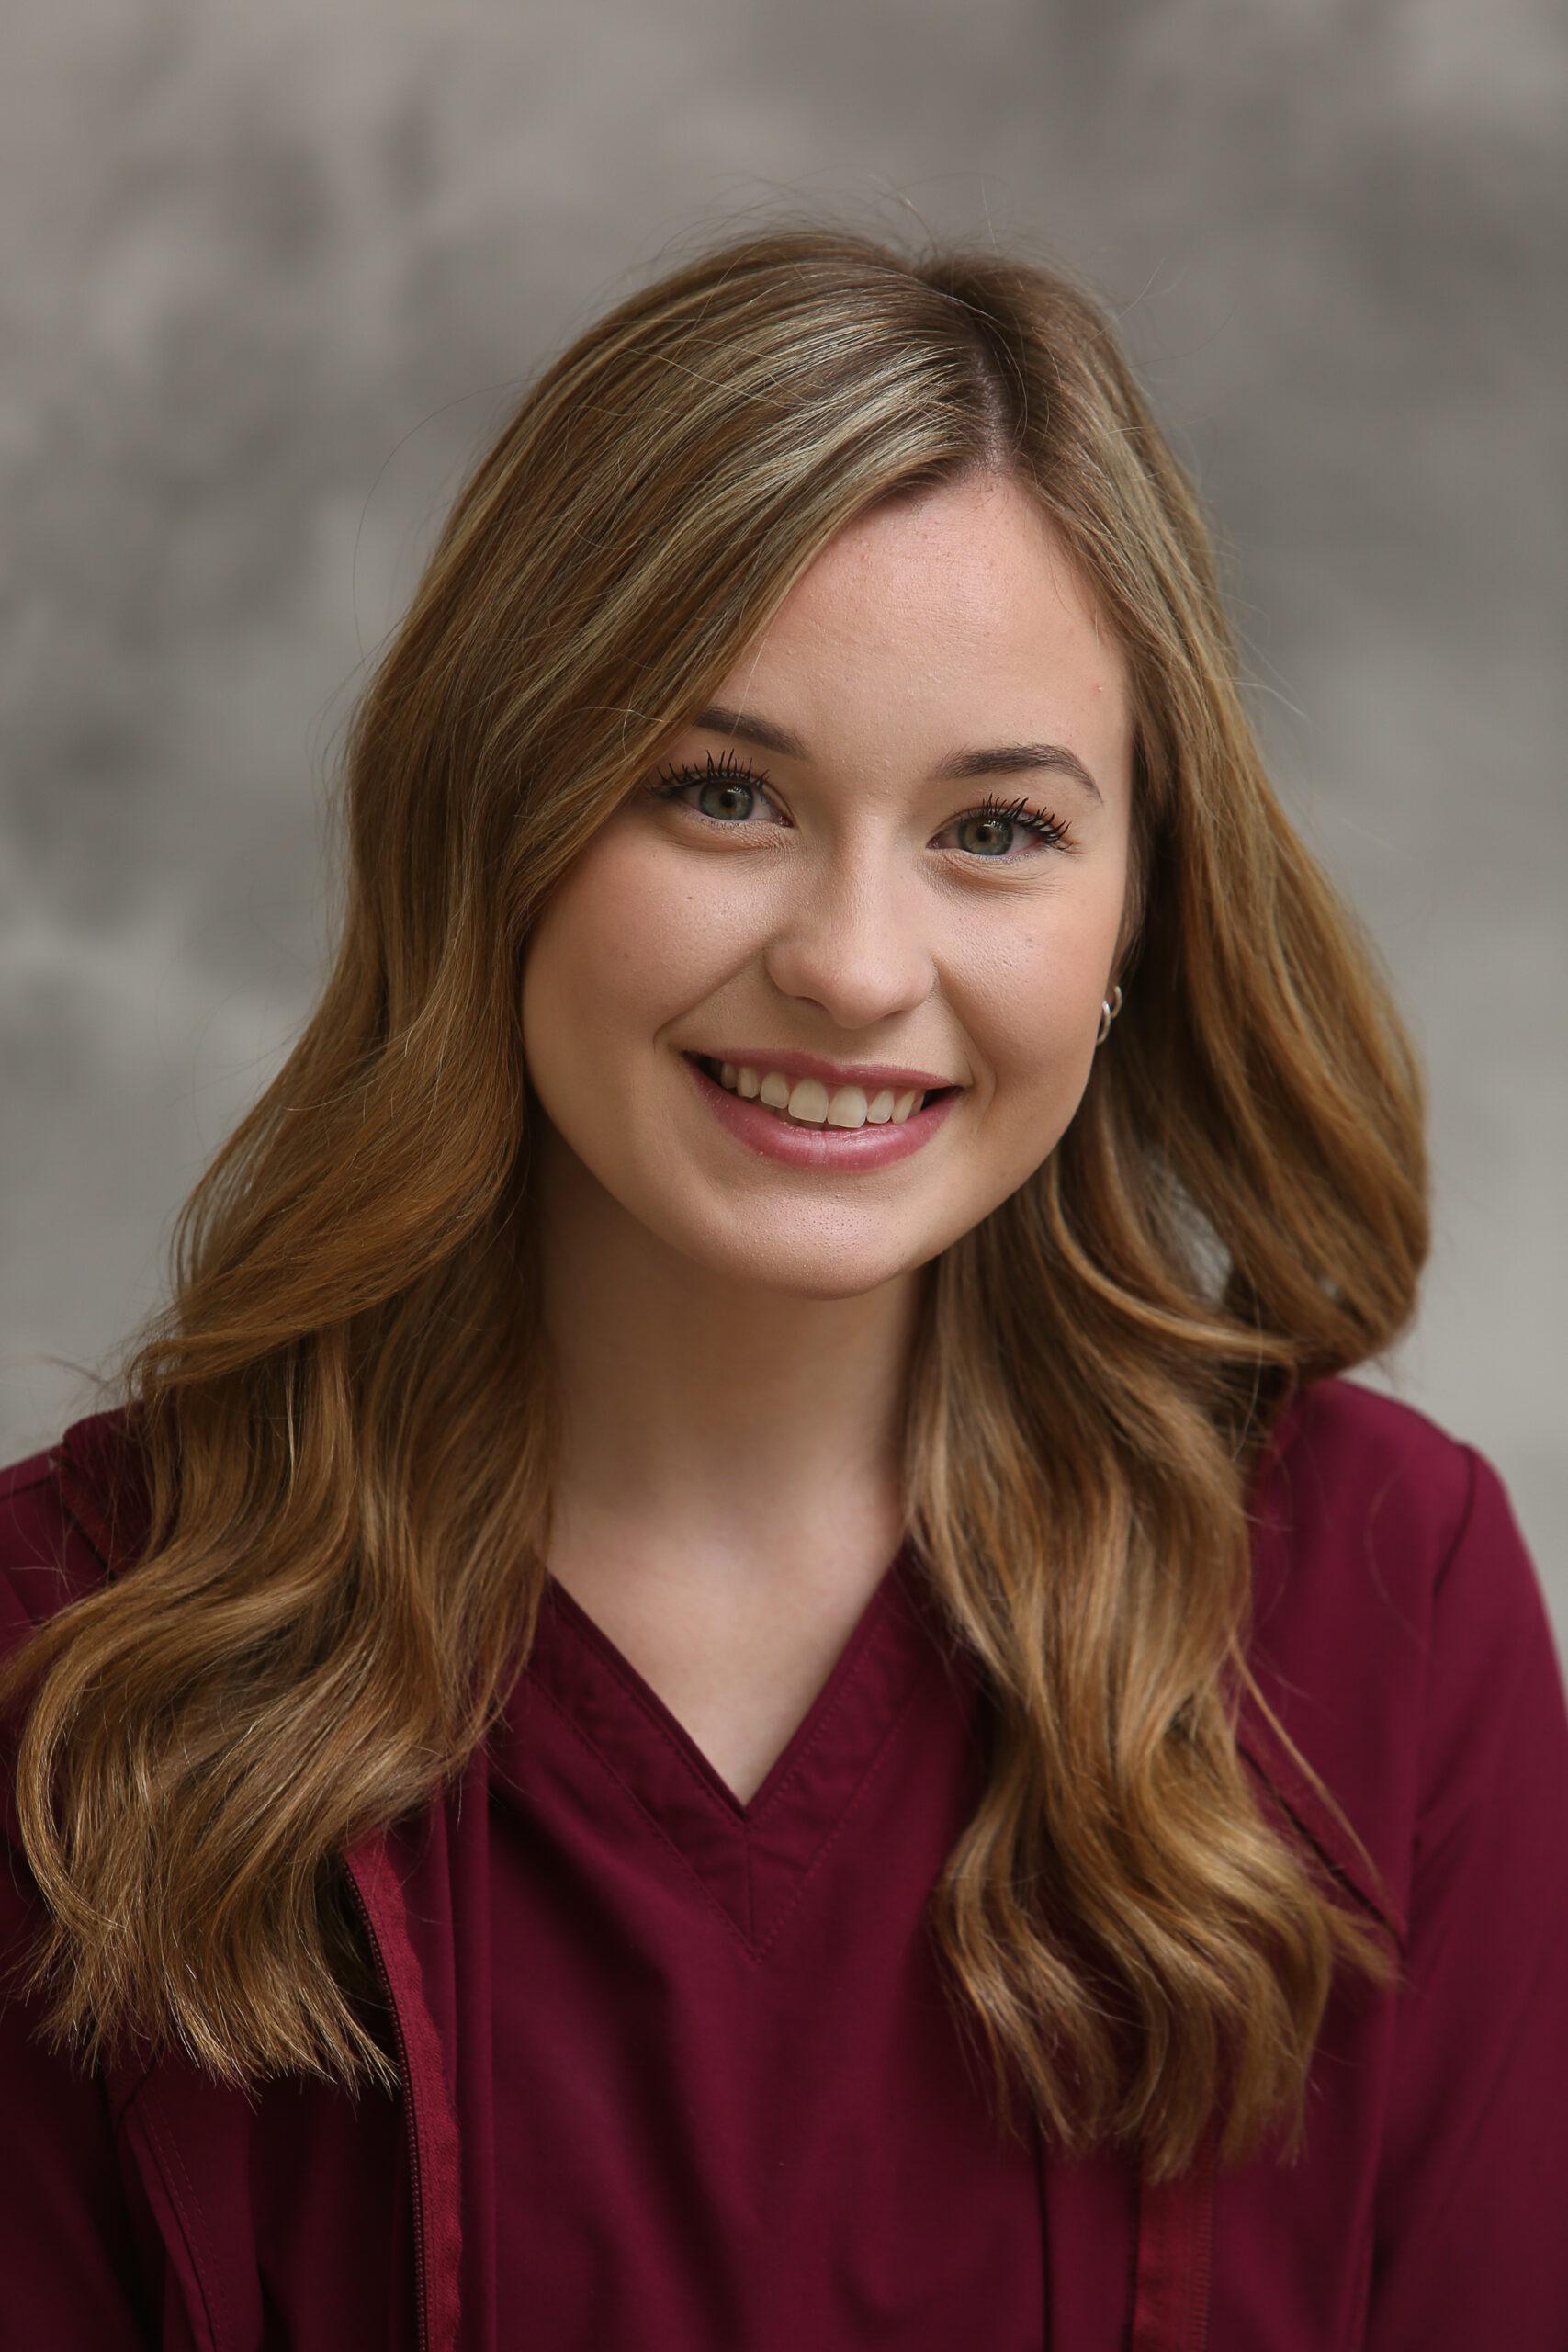 Hanna, MA - Pediatrics